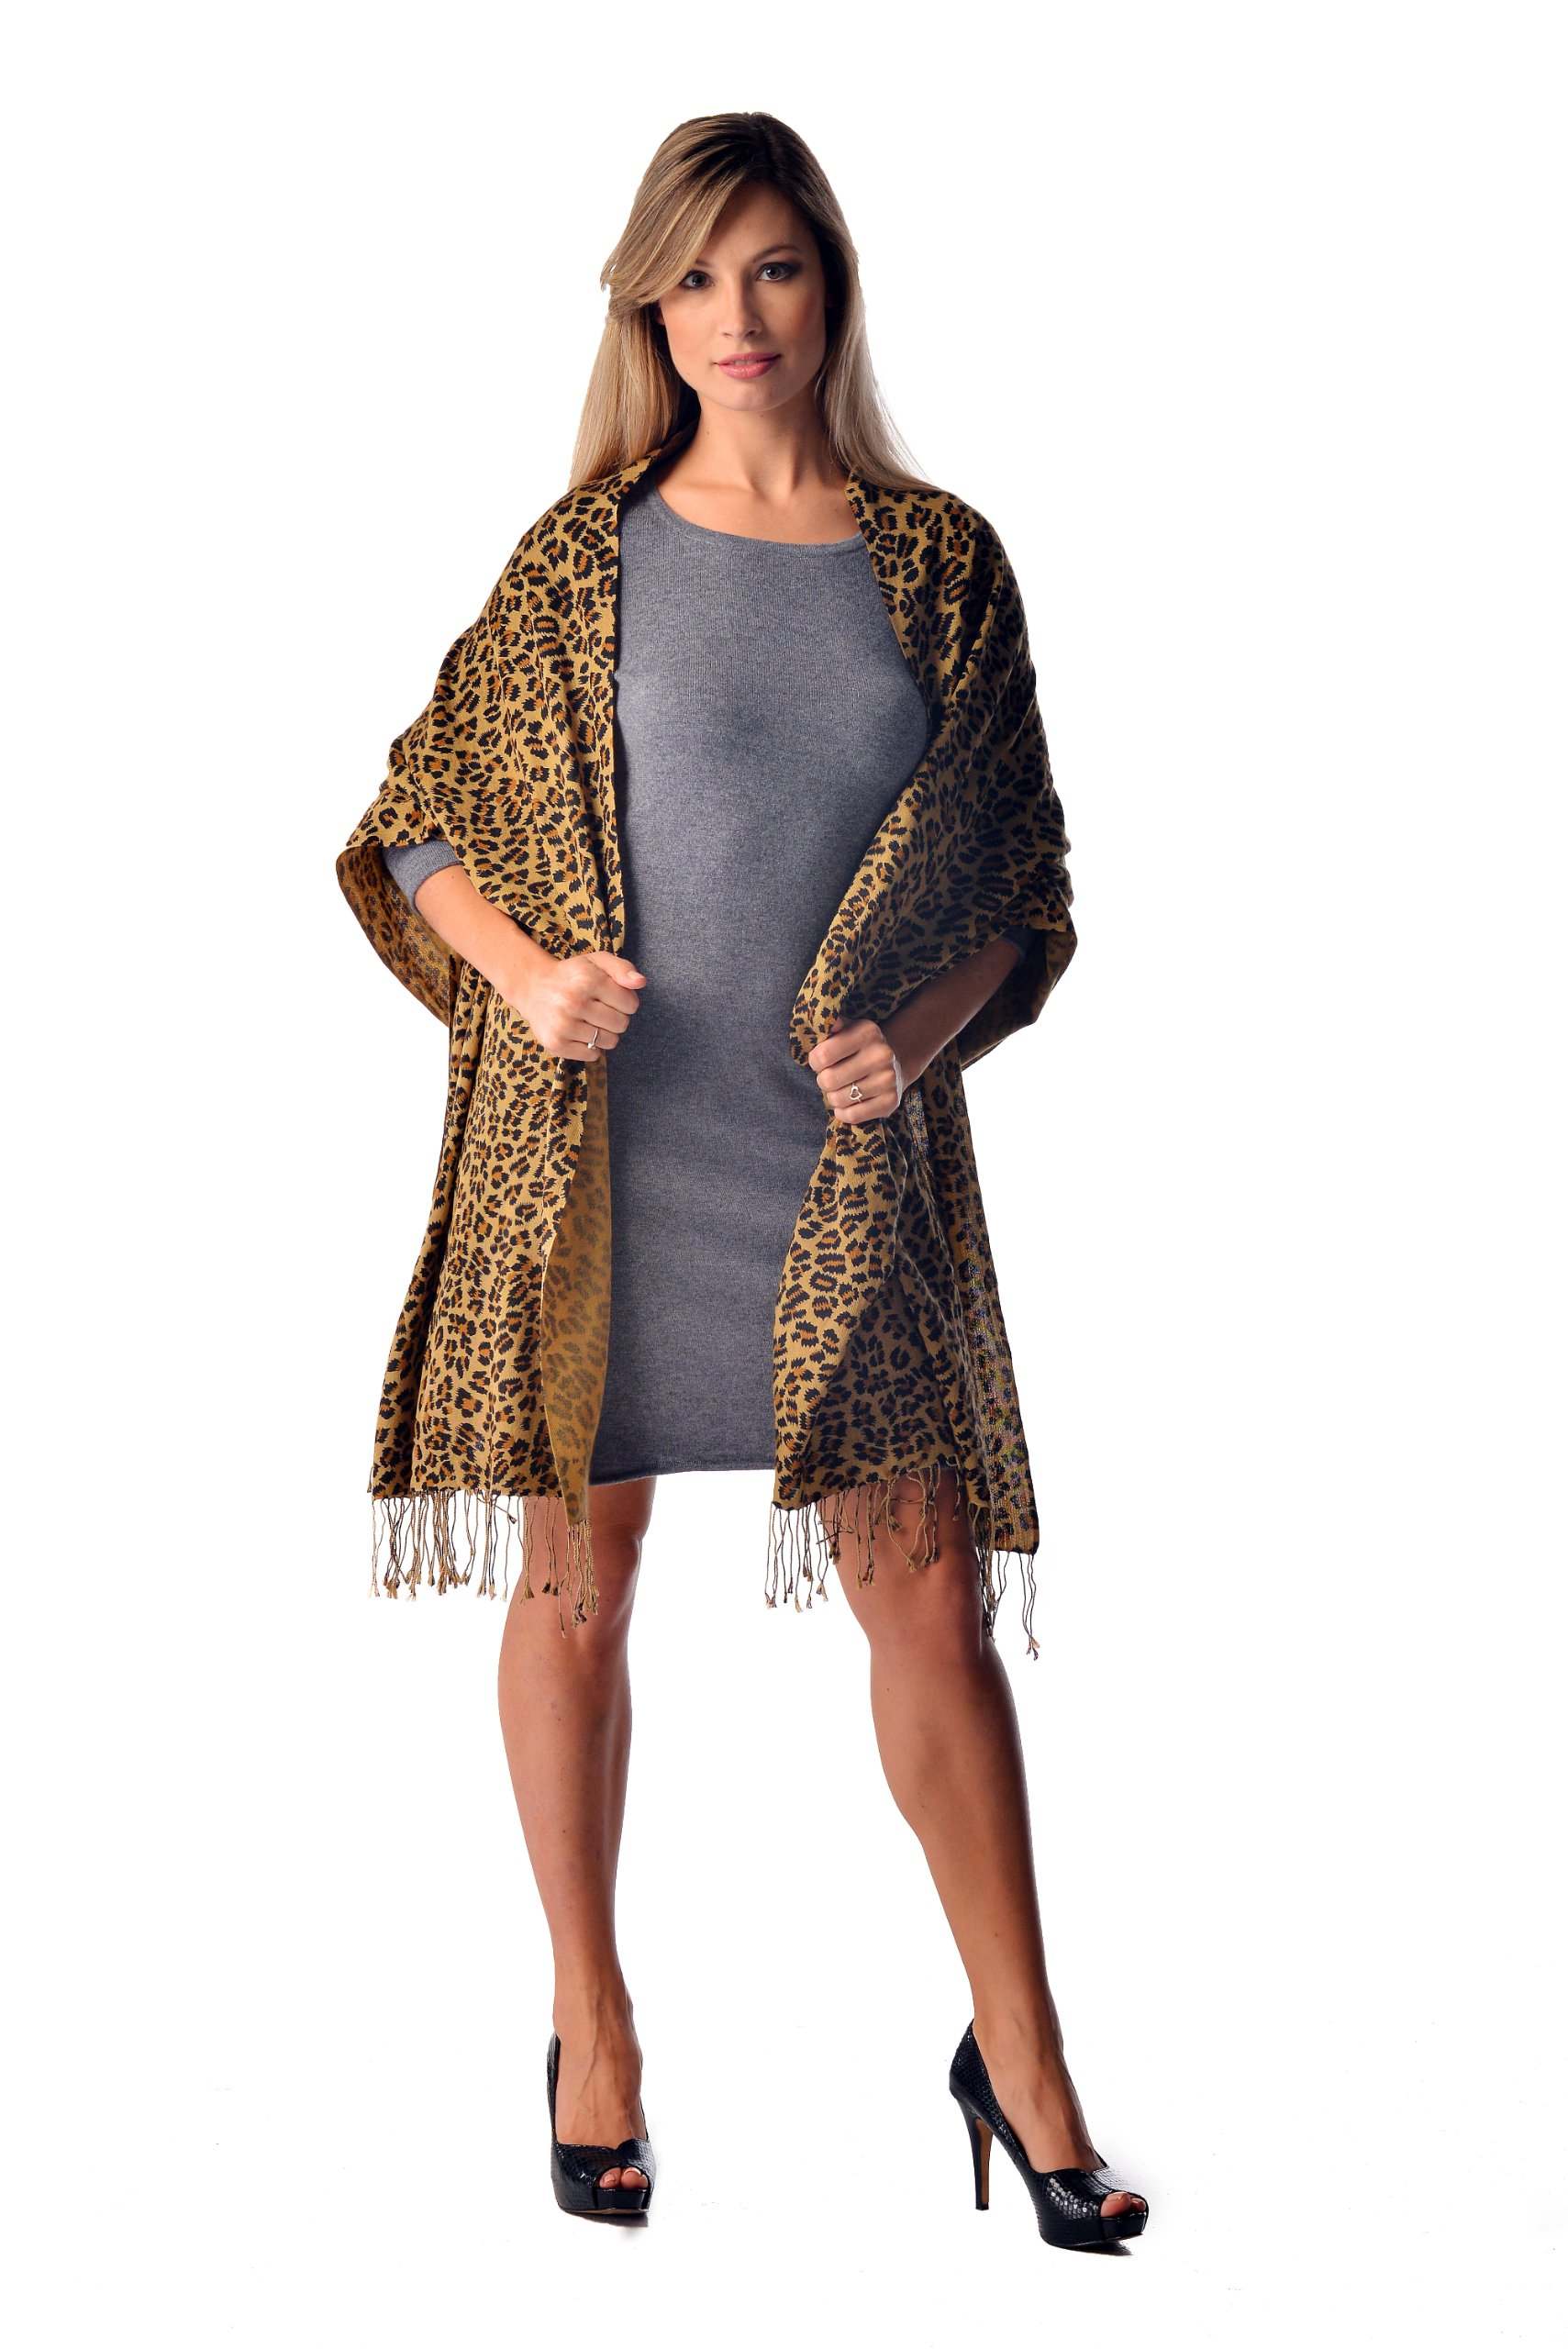 Leopard Print Pashmina Shawl (Leopard) by Cashmere Boutique